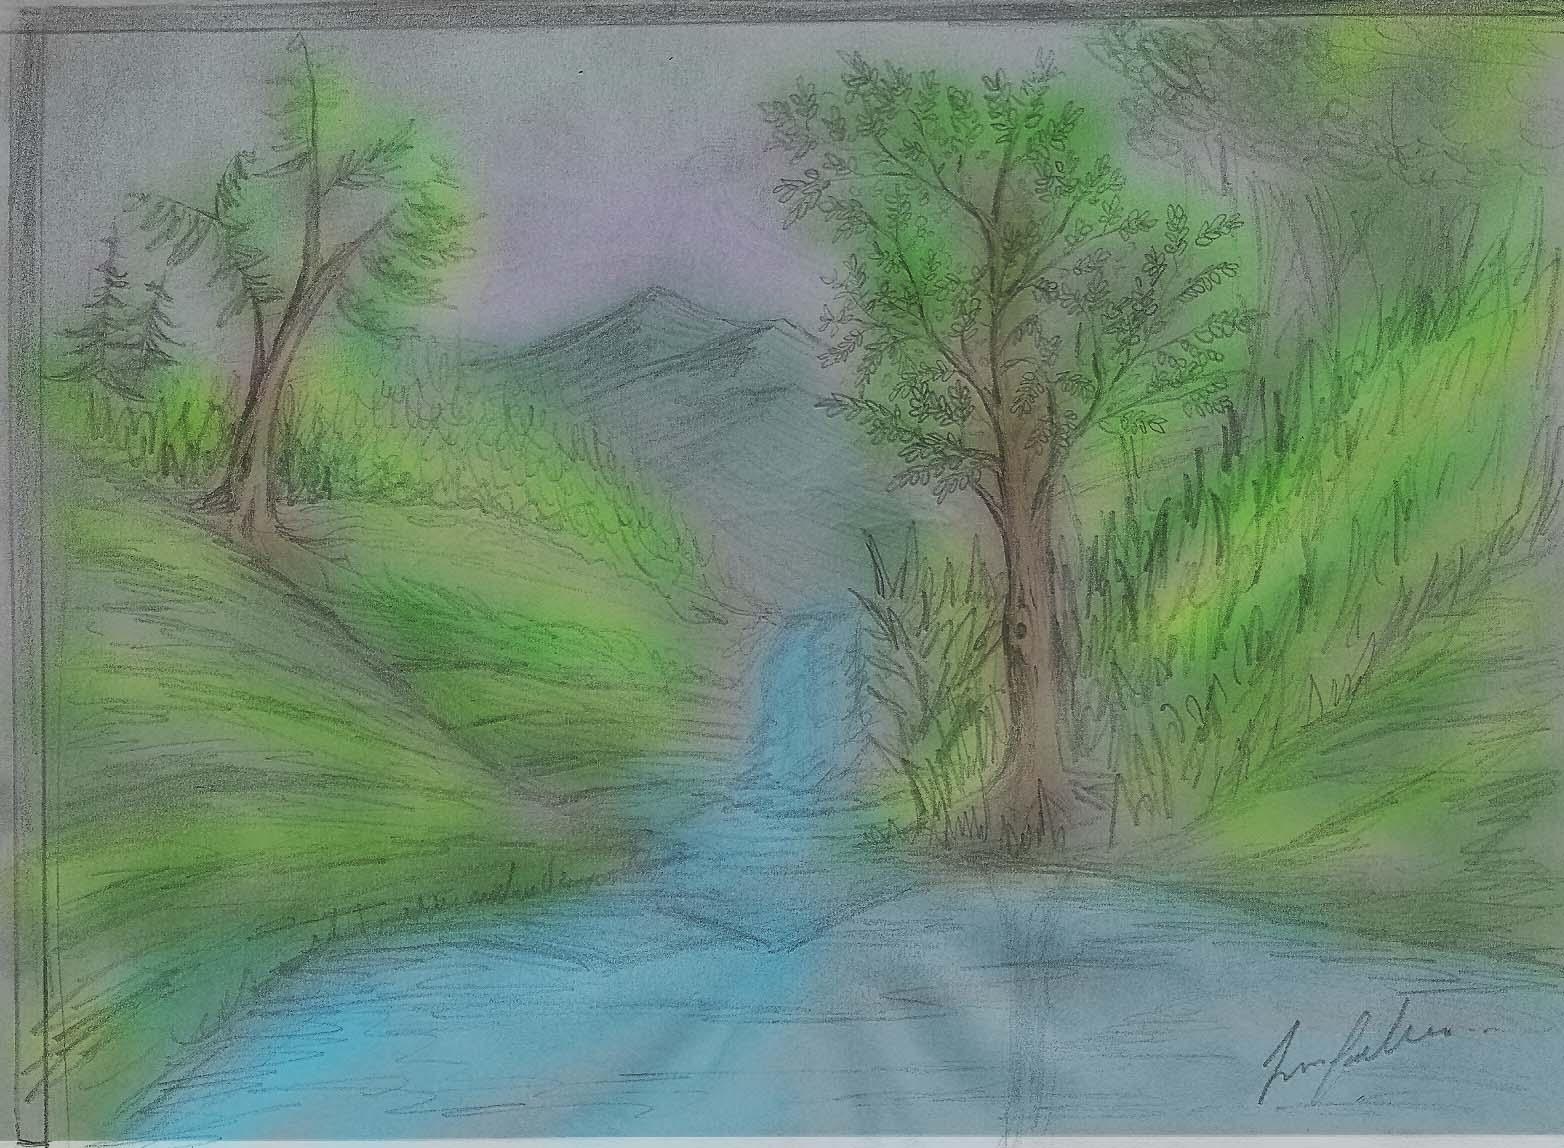 Paisajes Para Dibujar A Color Faciles: Dibujos A Color De Paisajes. Paisajes Con Palmeras En La